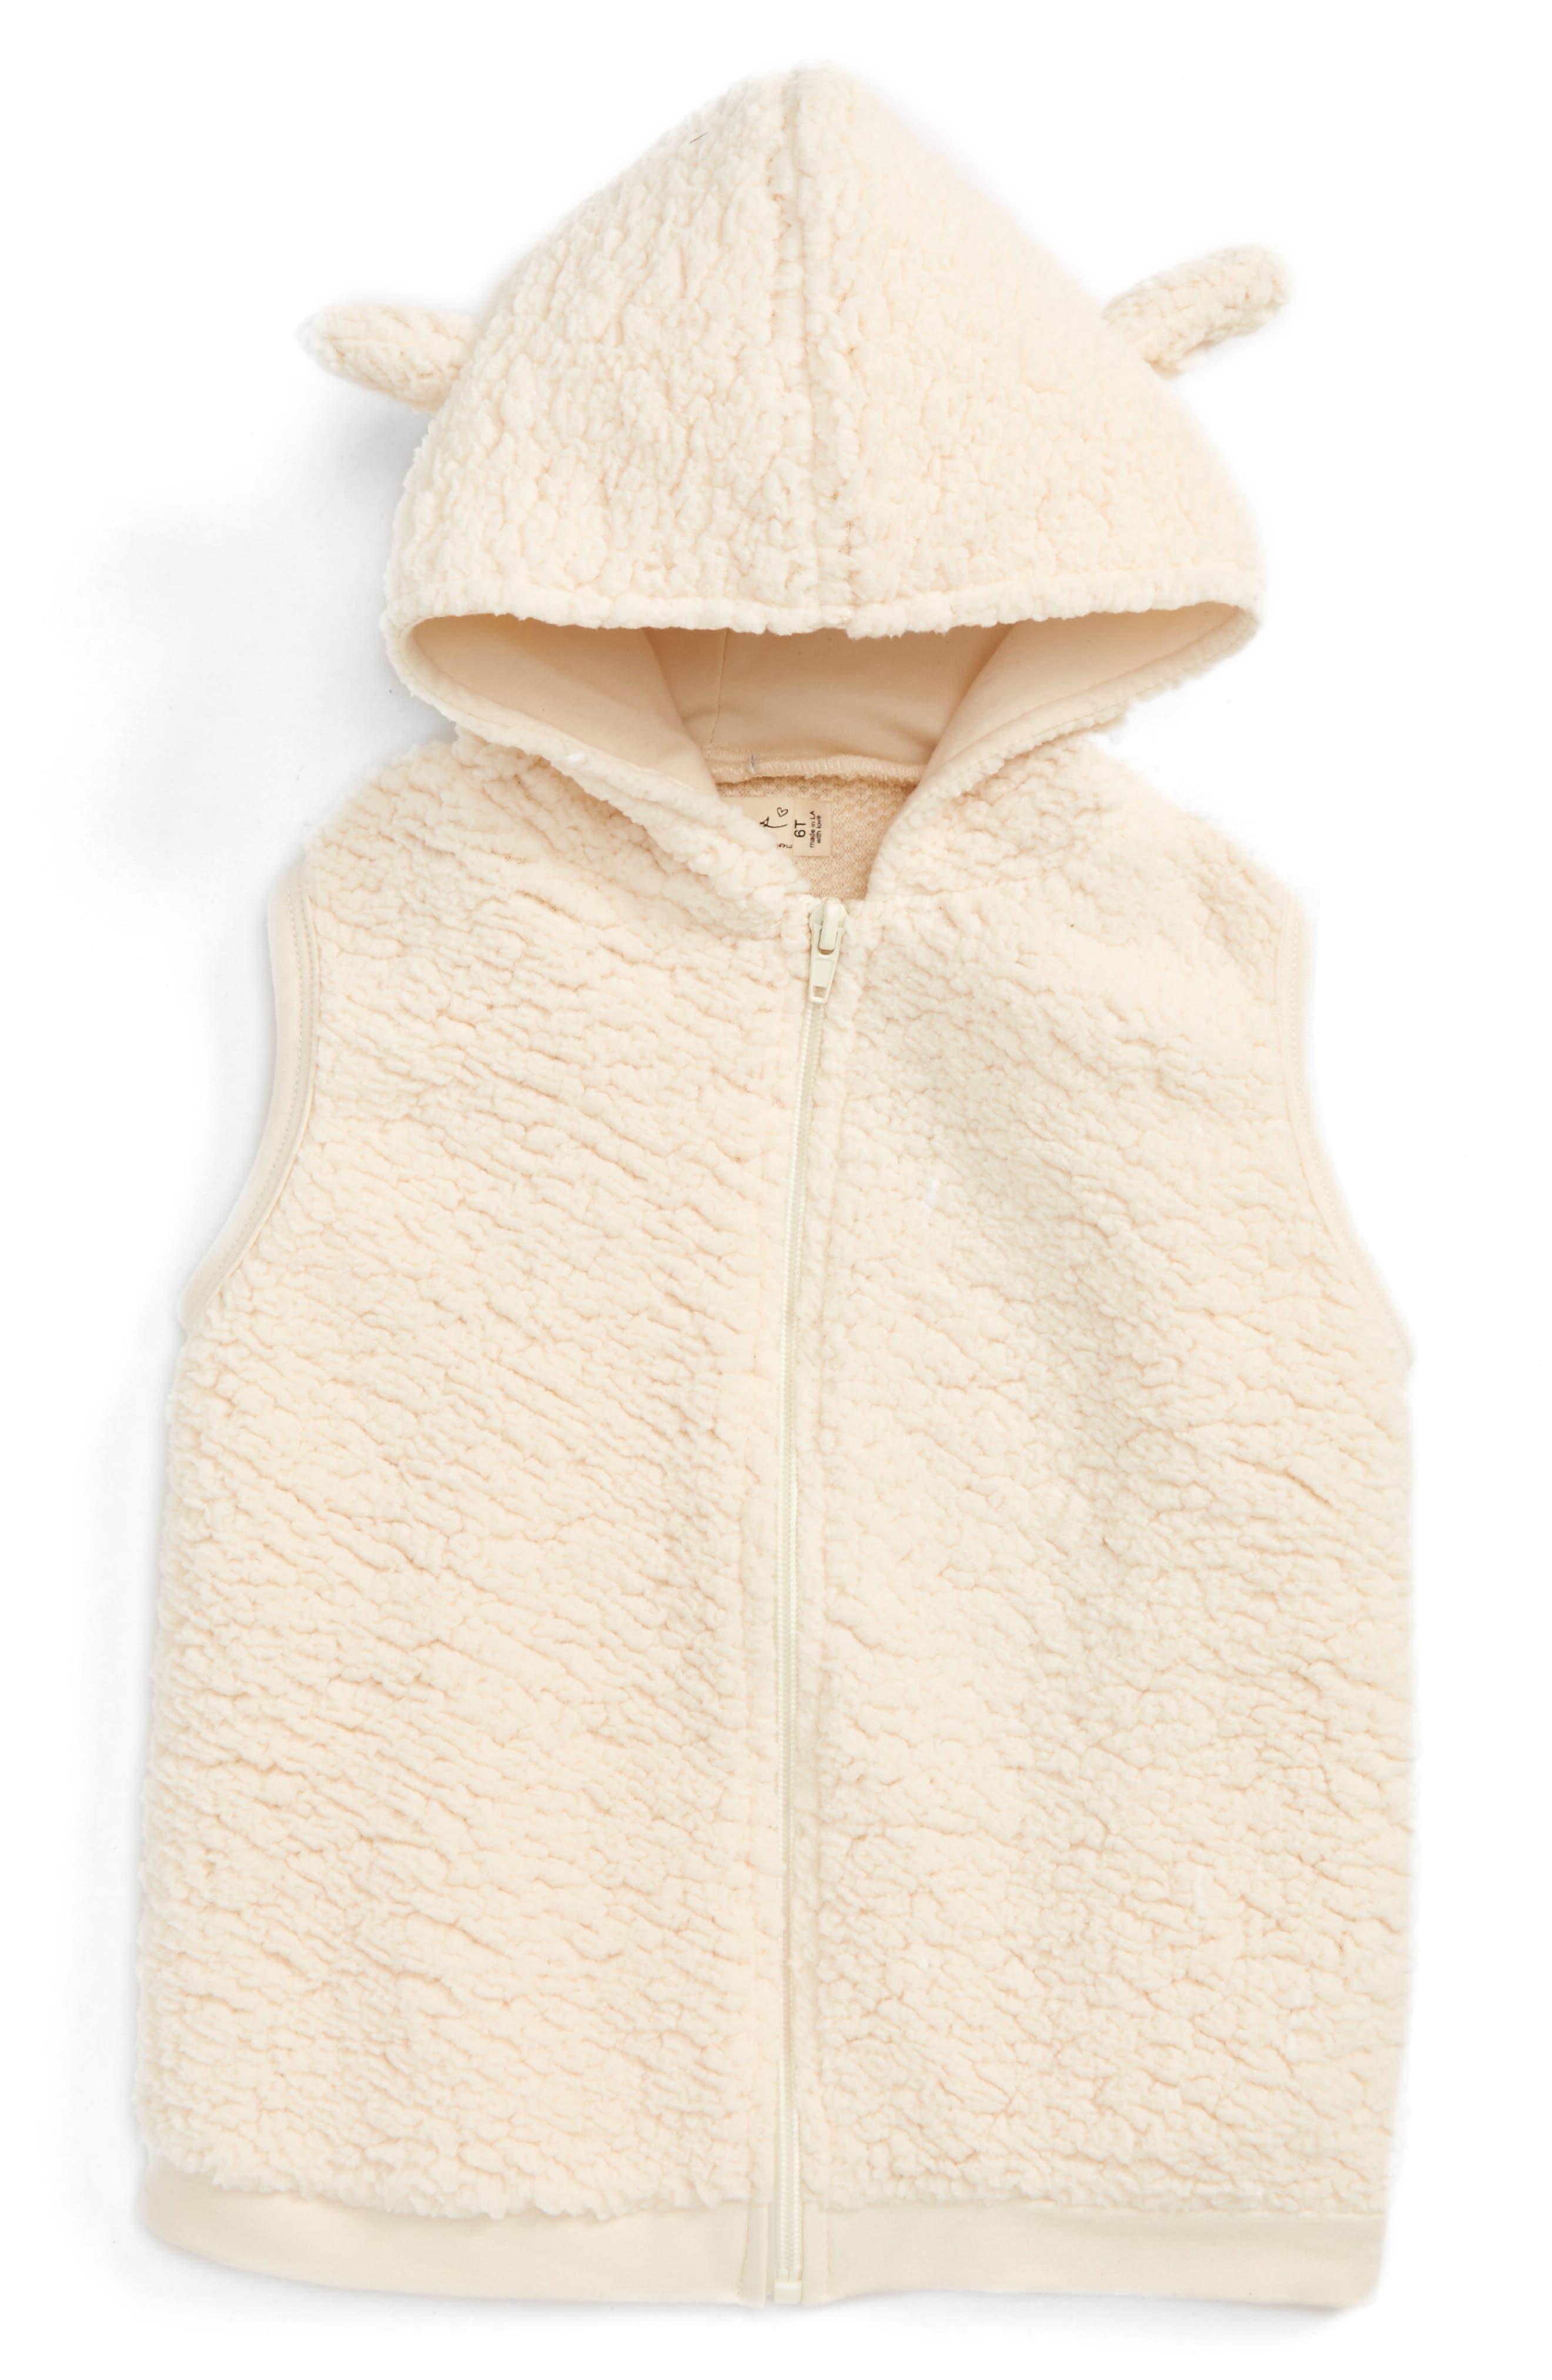 Little Bear Fuzzy Vest,                             Main thumbnail 1, color,                             Cloud White